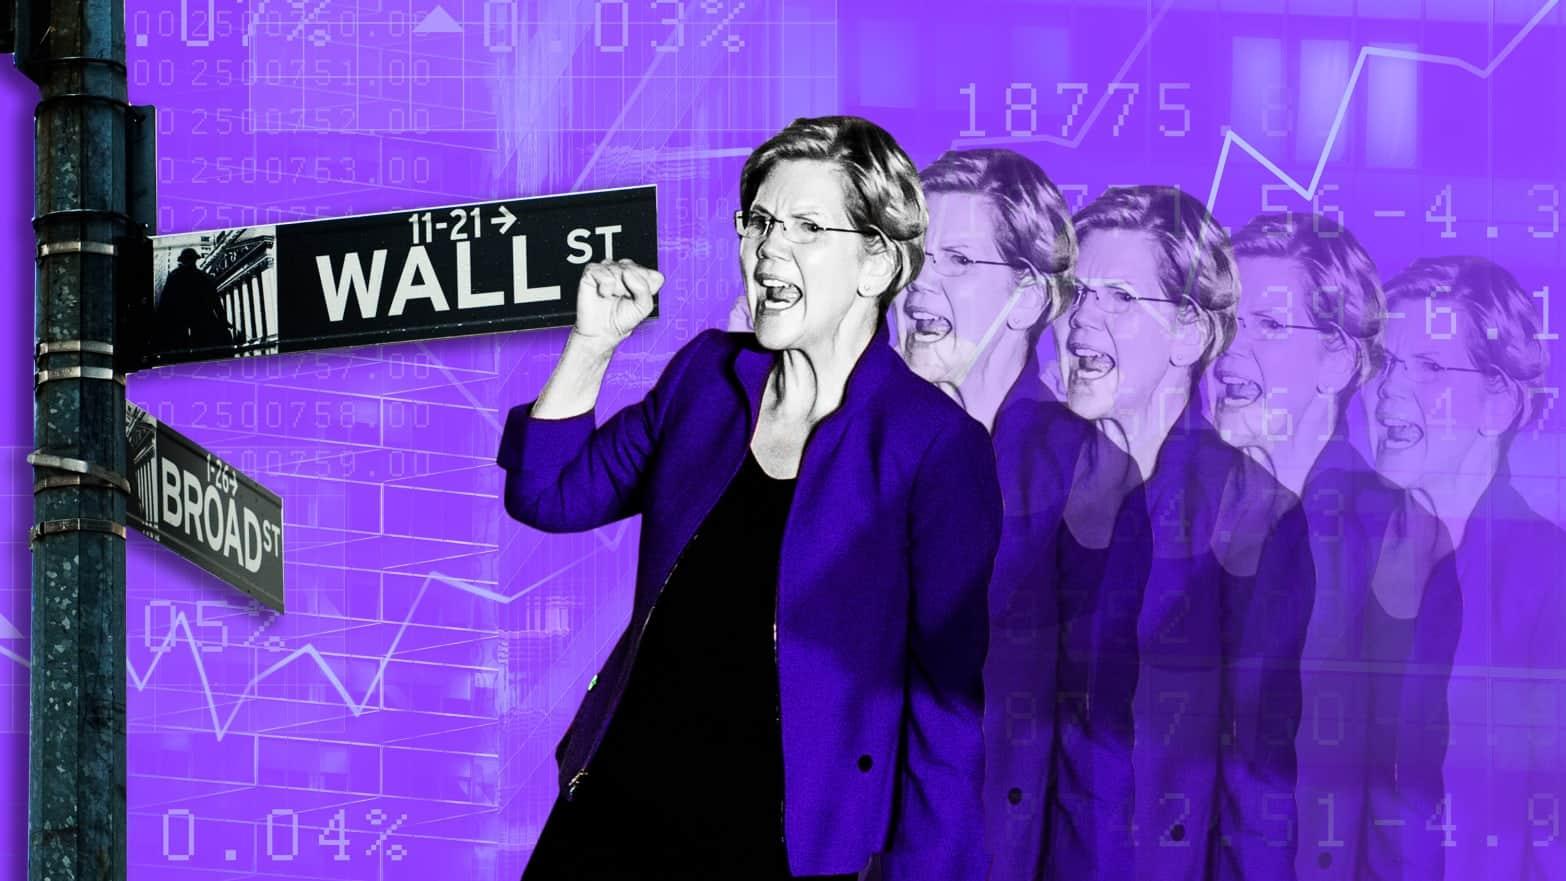 إليزابيث وارن كابوس البنوك والبورصة الأمريكية وشركات التكنولوجيا